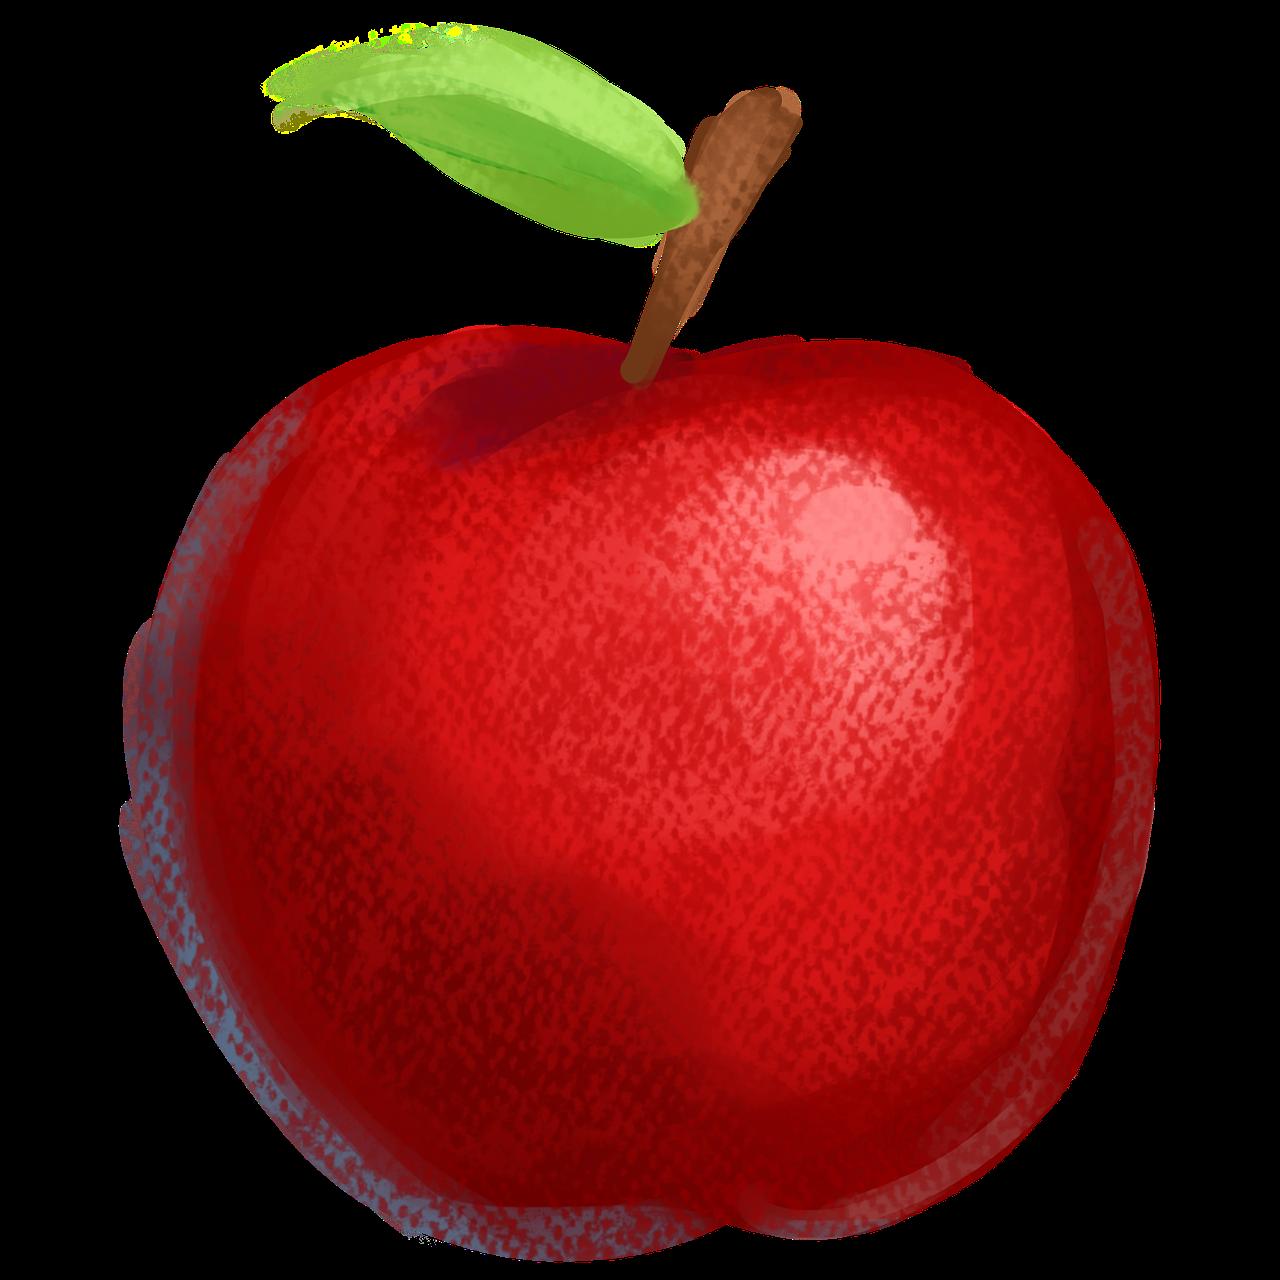 pixabay jabłko jesień